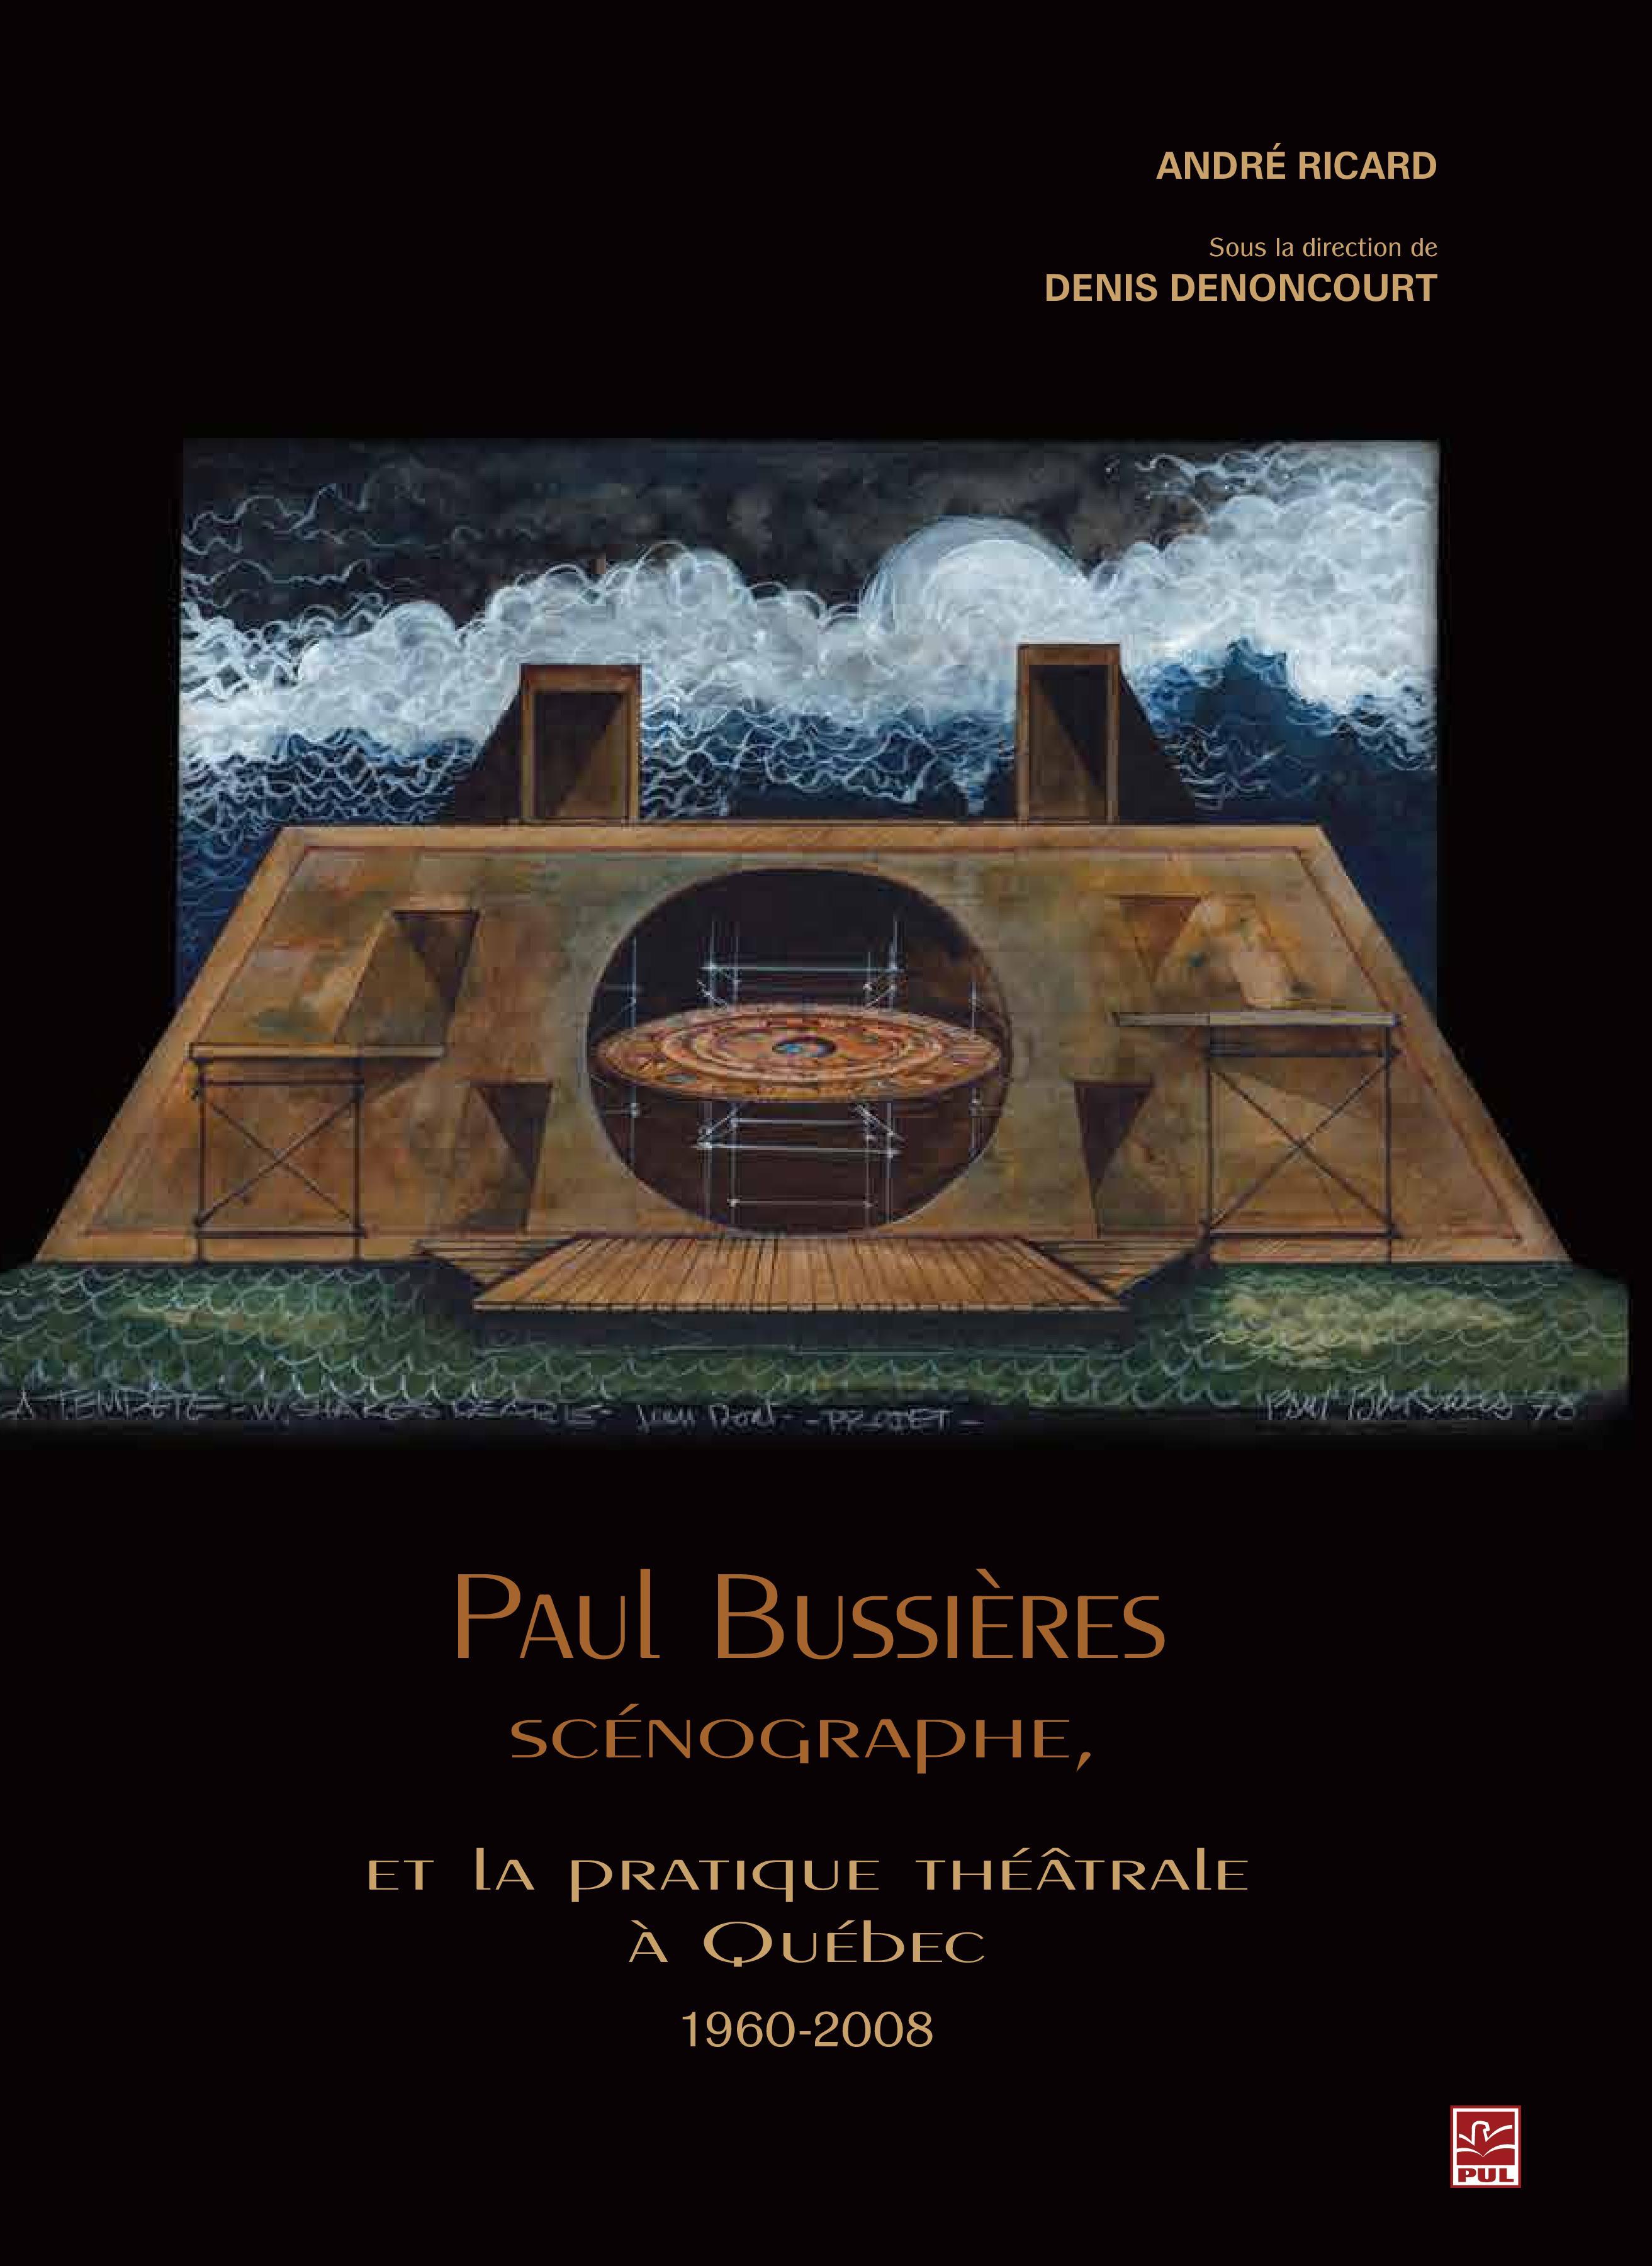 Paul Bussières scénographe et la pratique théâtrale